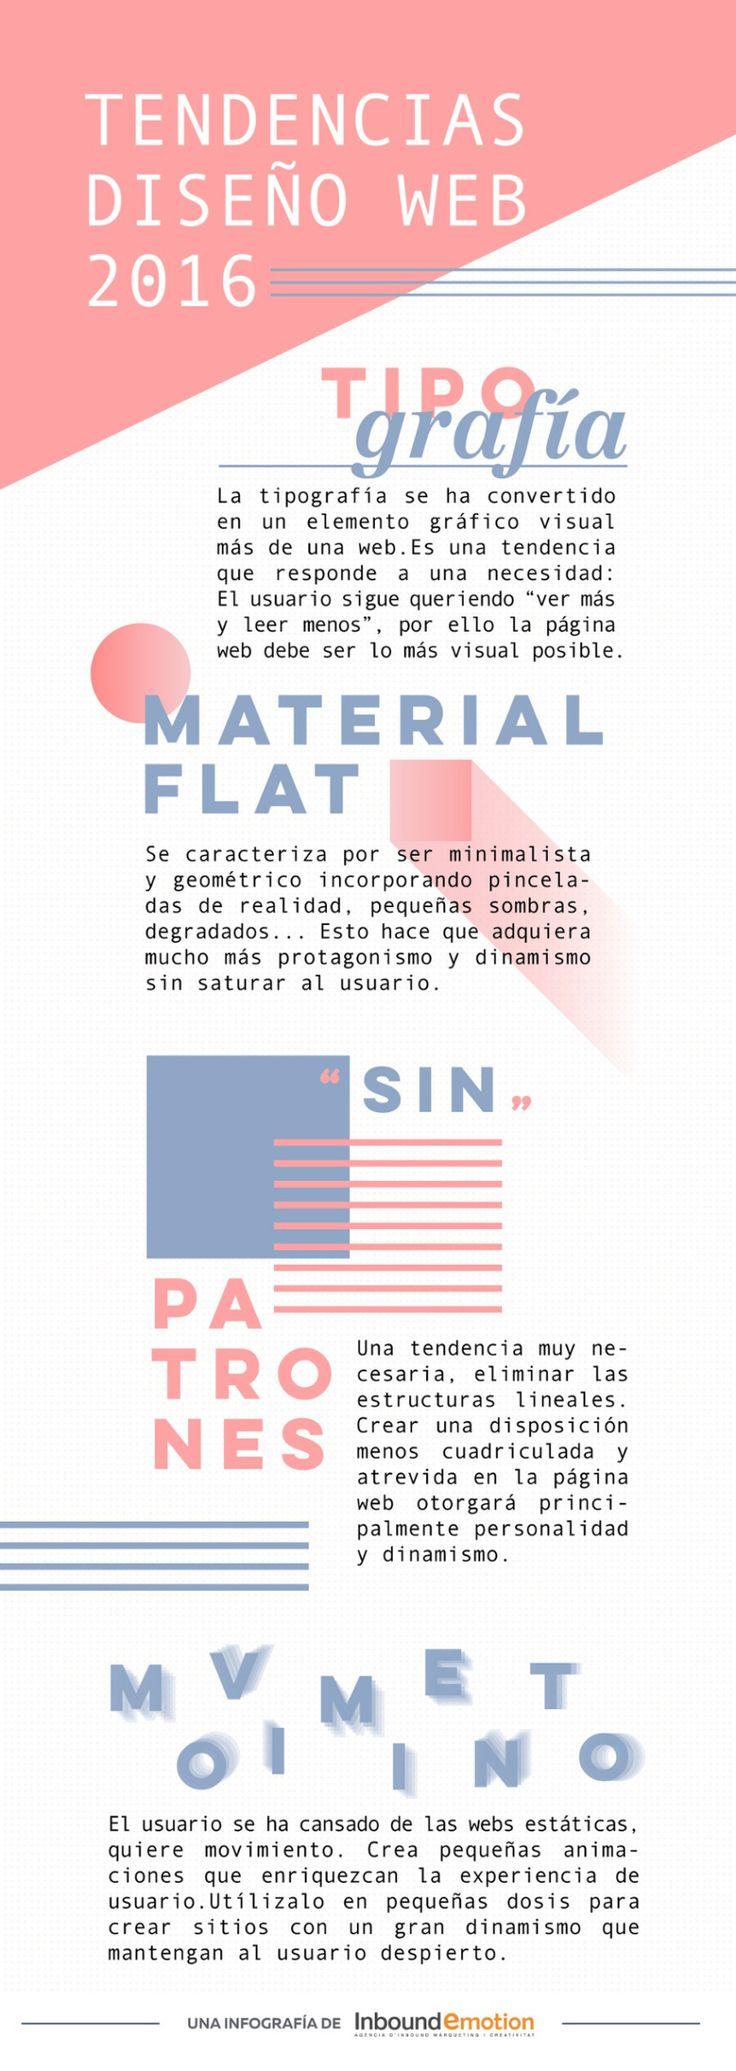 Infografía sobre las tendencias en diseño web para 2016.  - Tipografía - Material Flat - Sin patrones - Movimiento